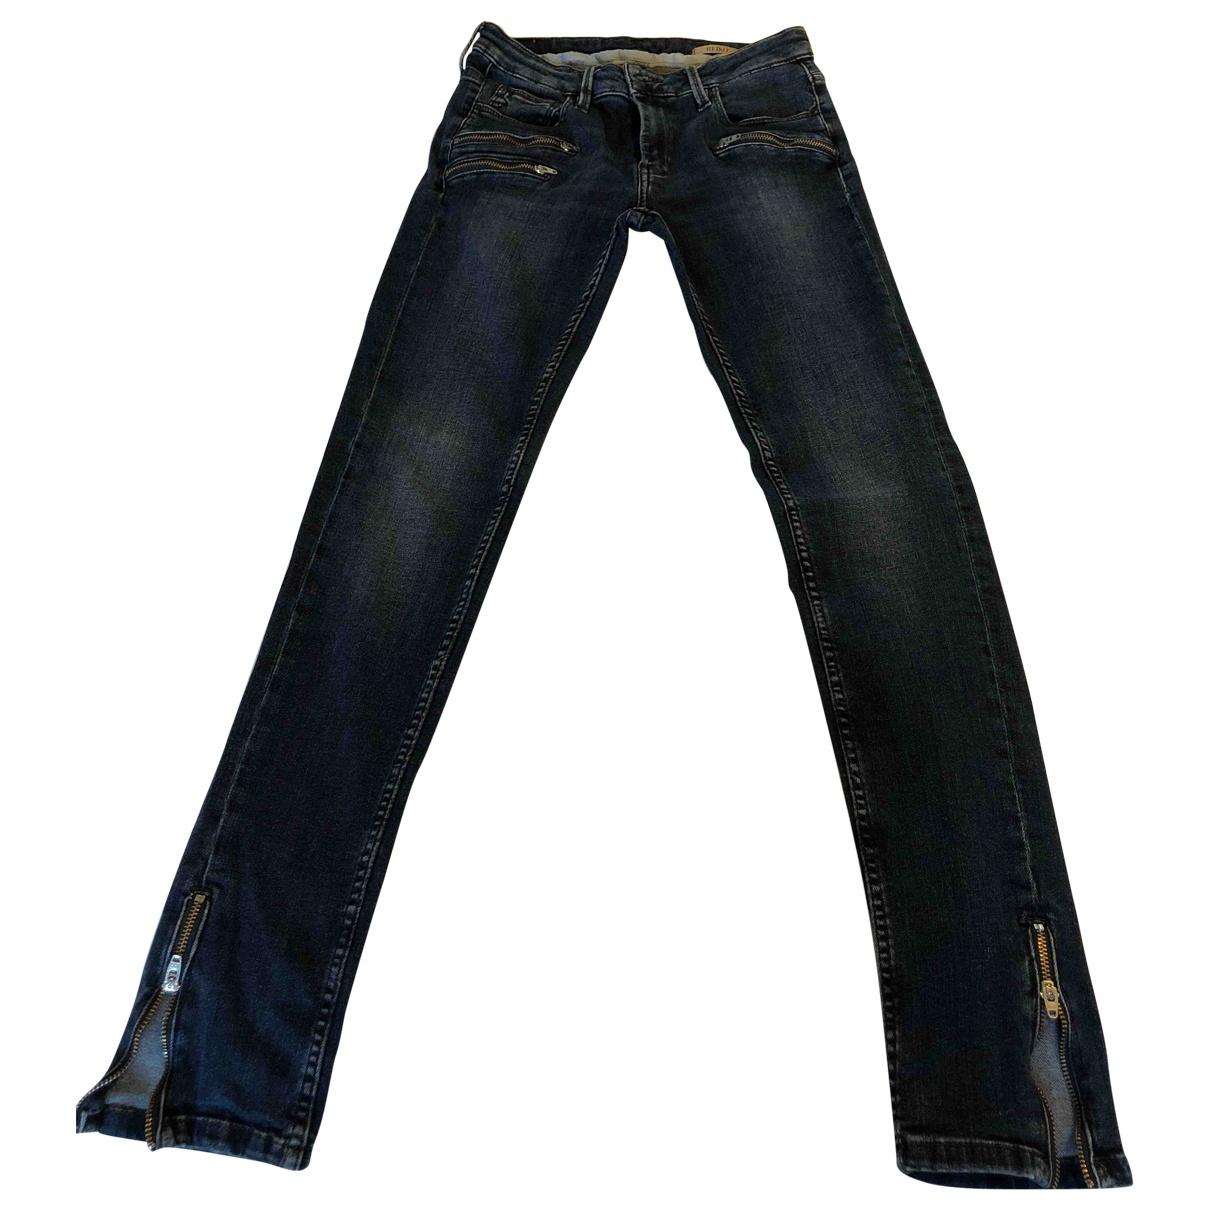 Reiko \N Blue Denim - Jeans Jeans for Women 36 FR